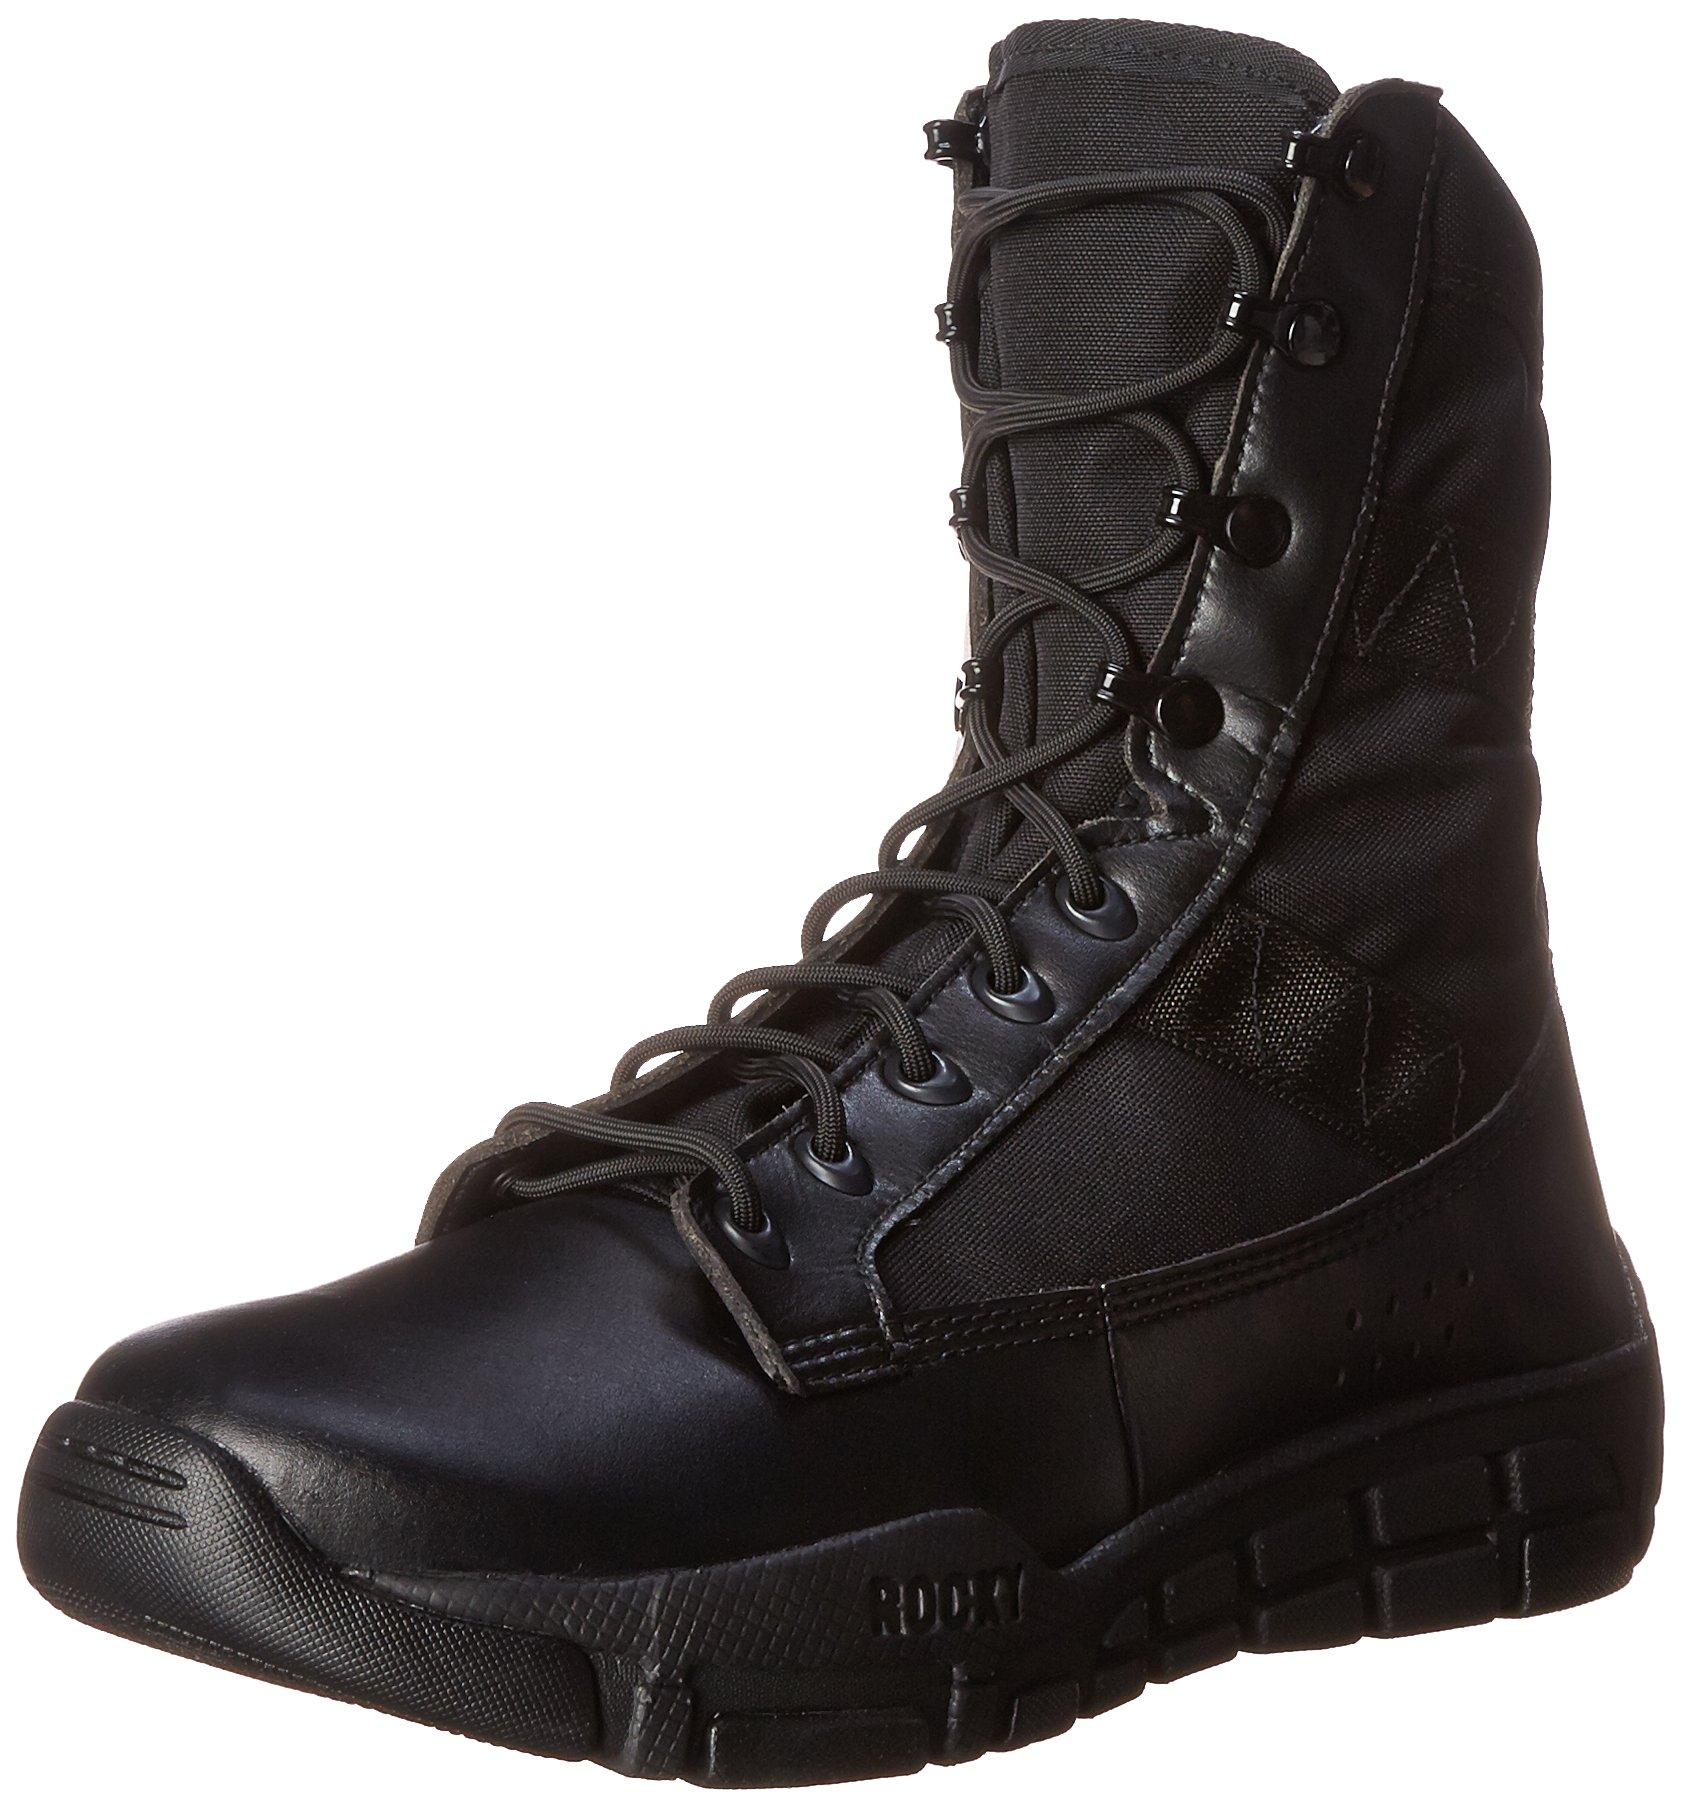 Rocky Men's RY008 Boot, Black, 10.5 W US by Rocky